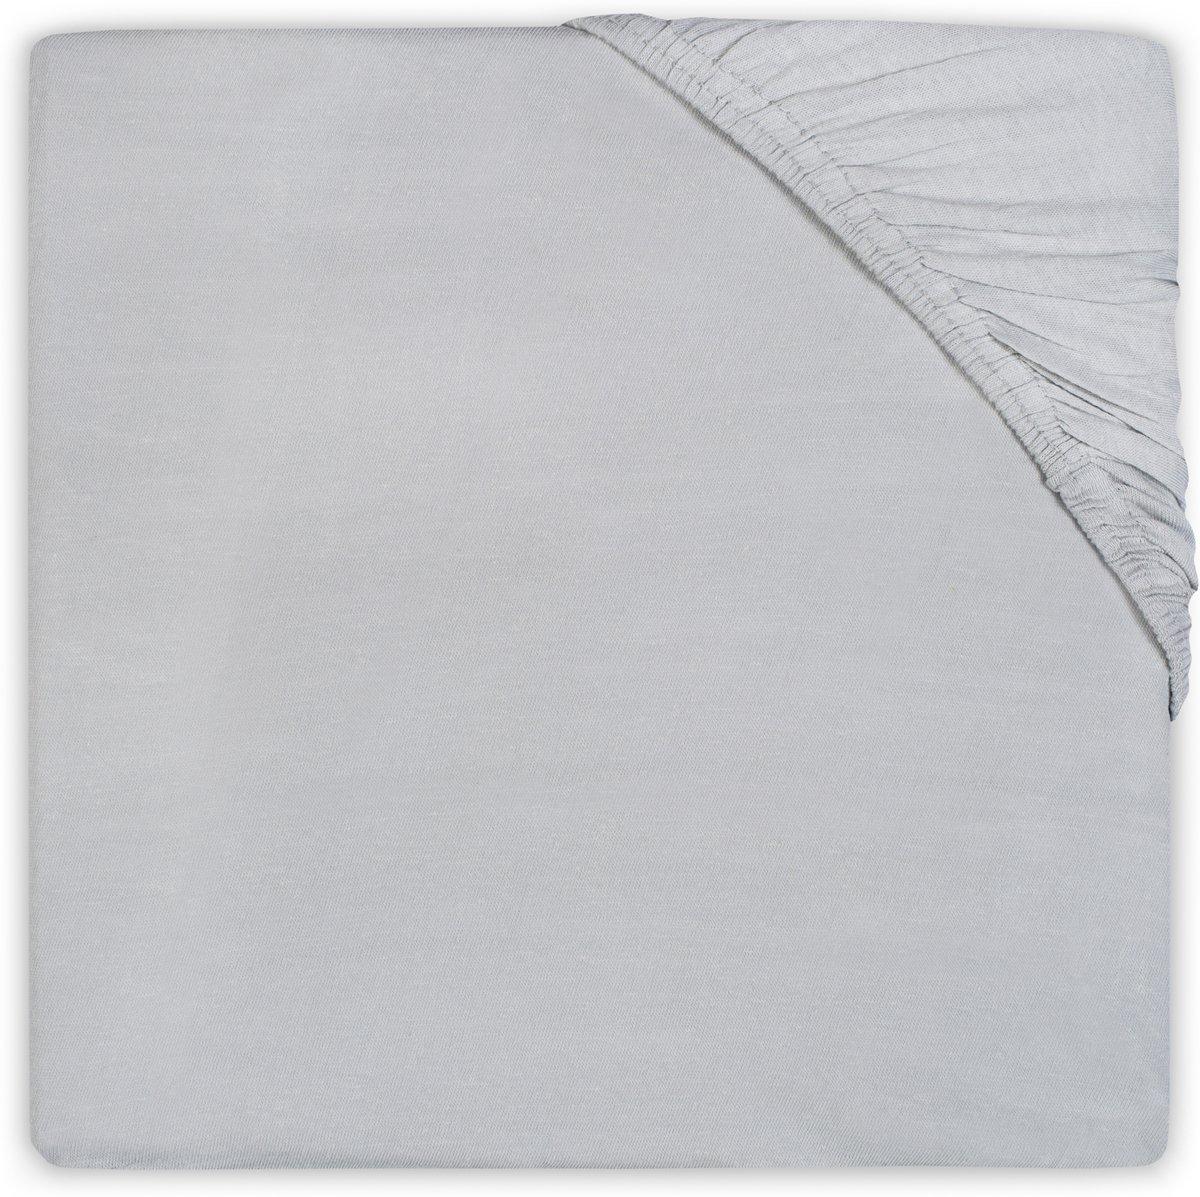 Little Lemonade Hoeslaken katoen 70x140cm soft grey